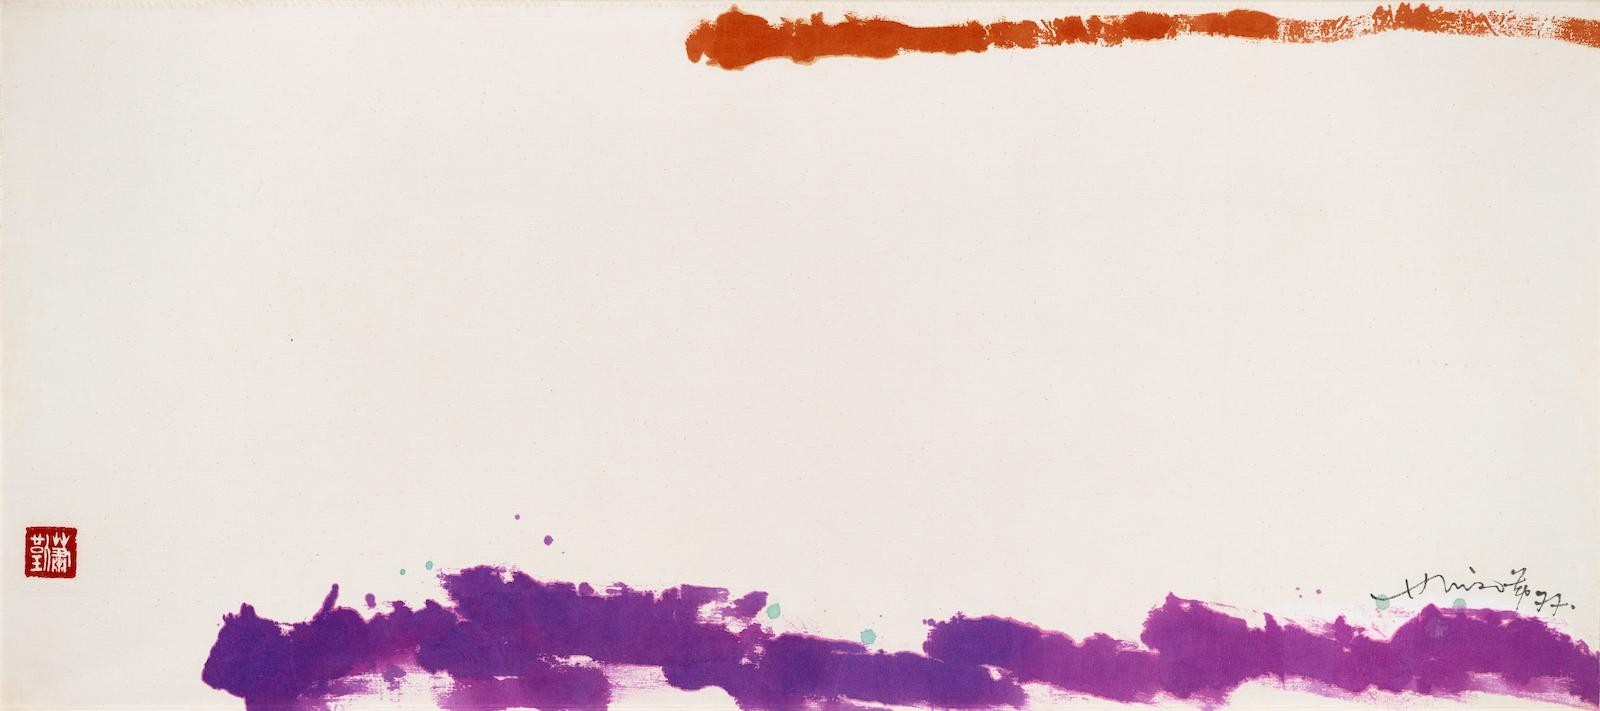 Hsiao Chin-Untitled-1977